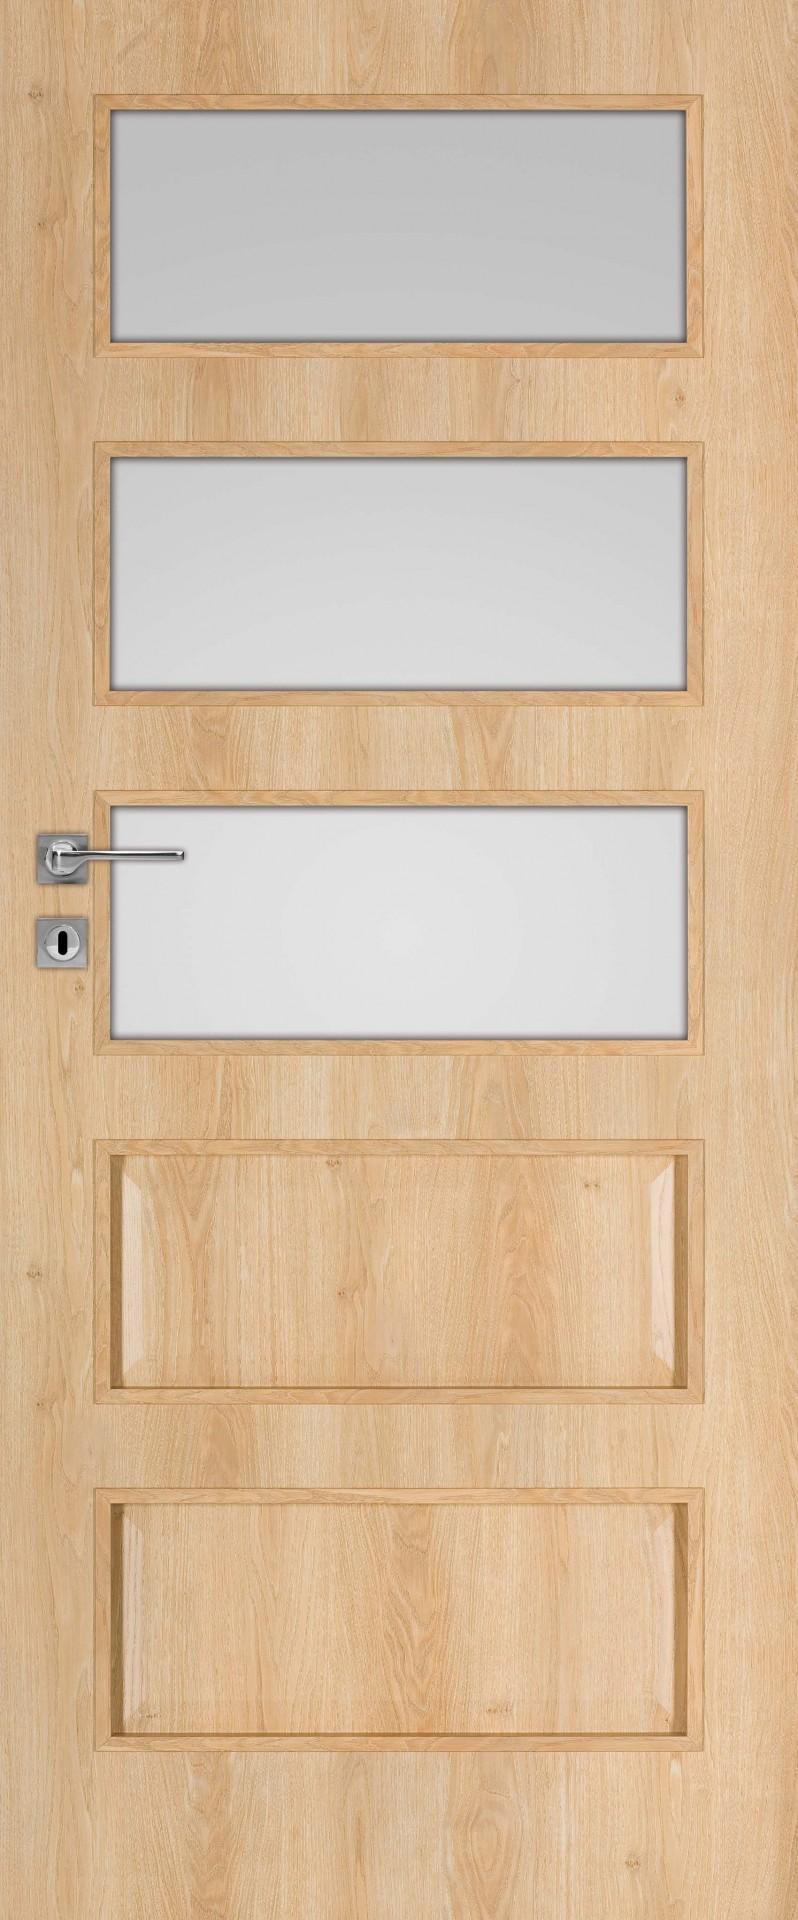 Dre dveře ALDEA 50, Šíře v cm 70